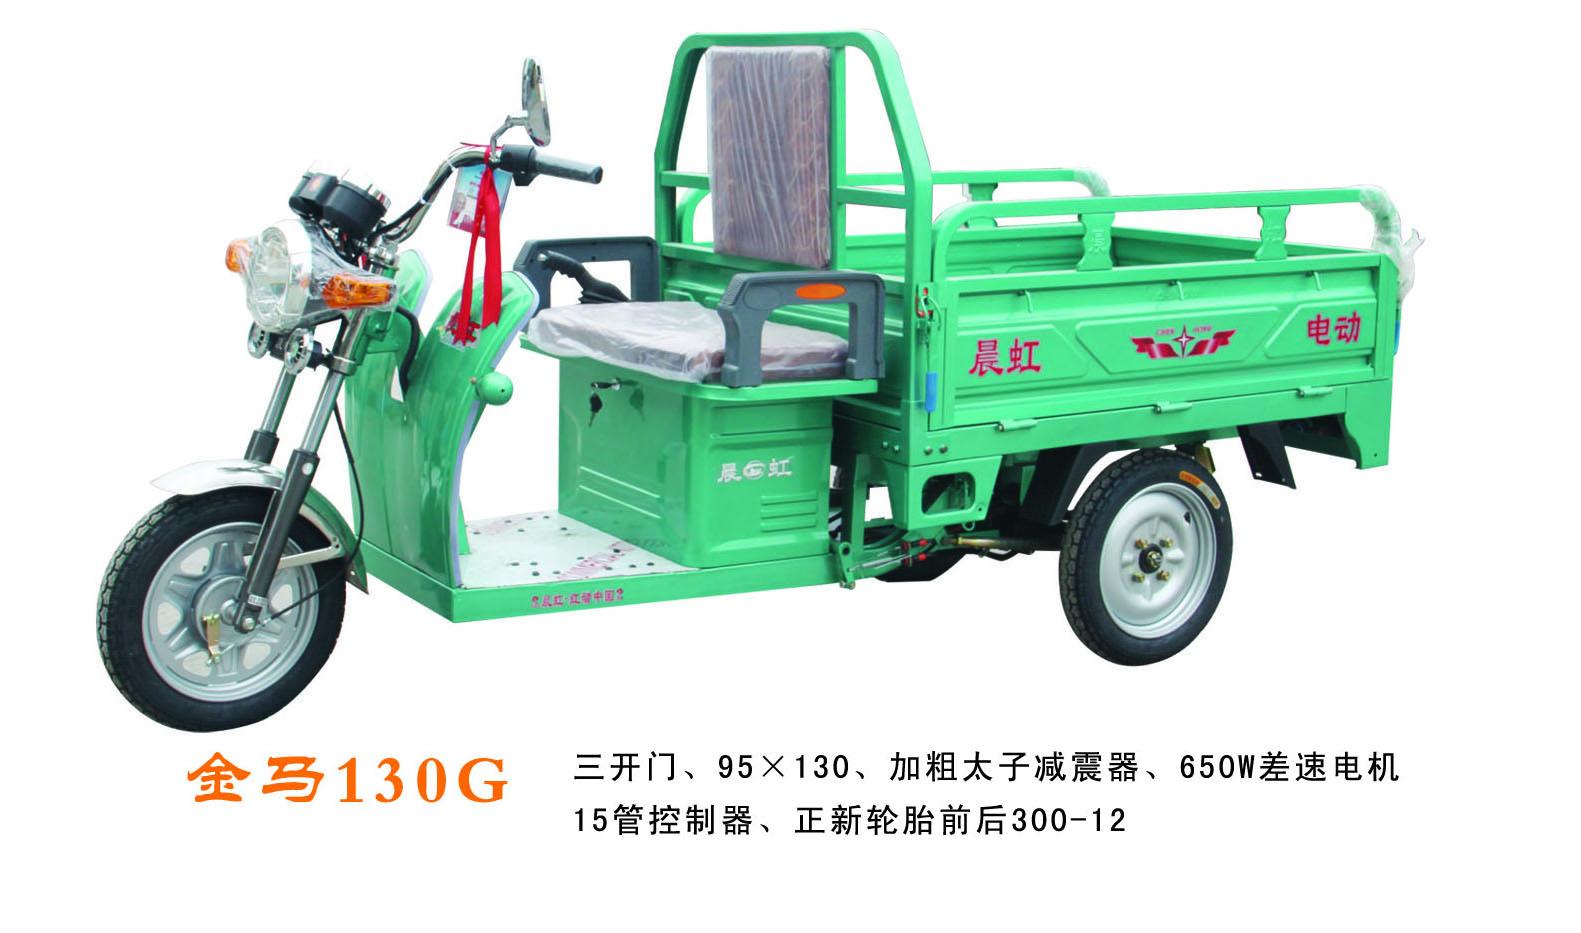 载客拉货两用三轮电动车生产厂家